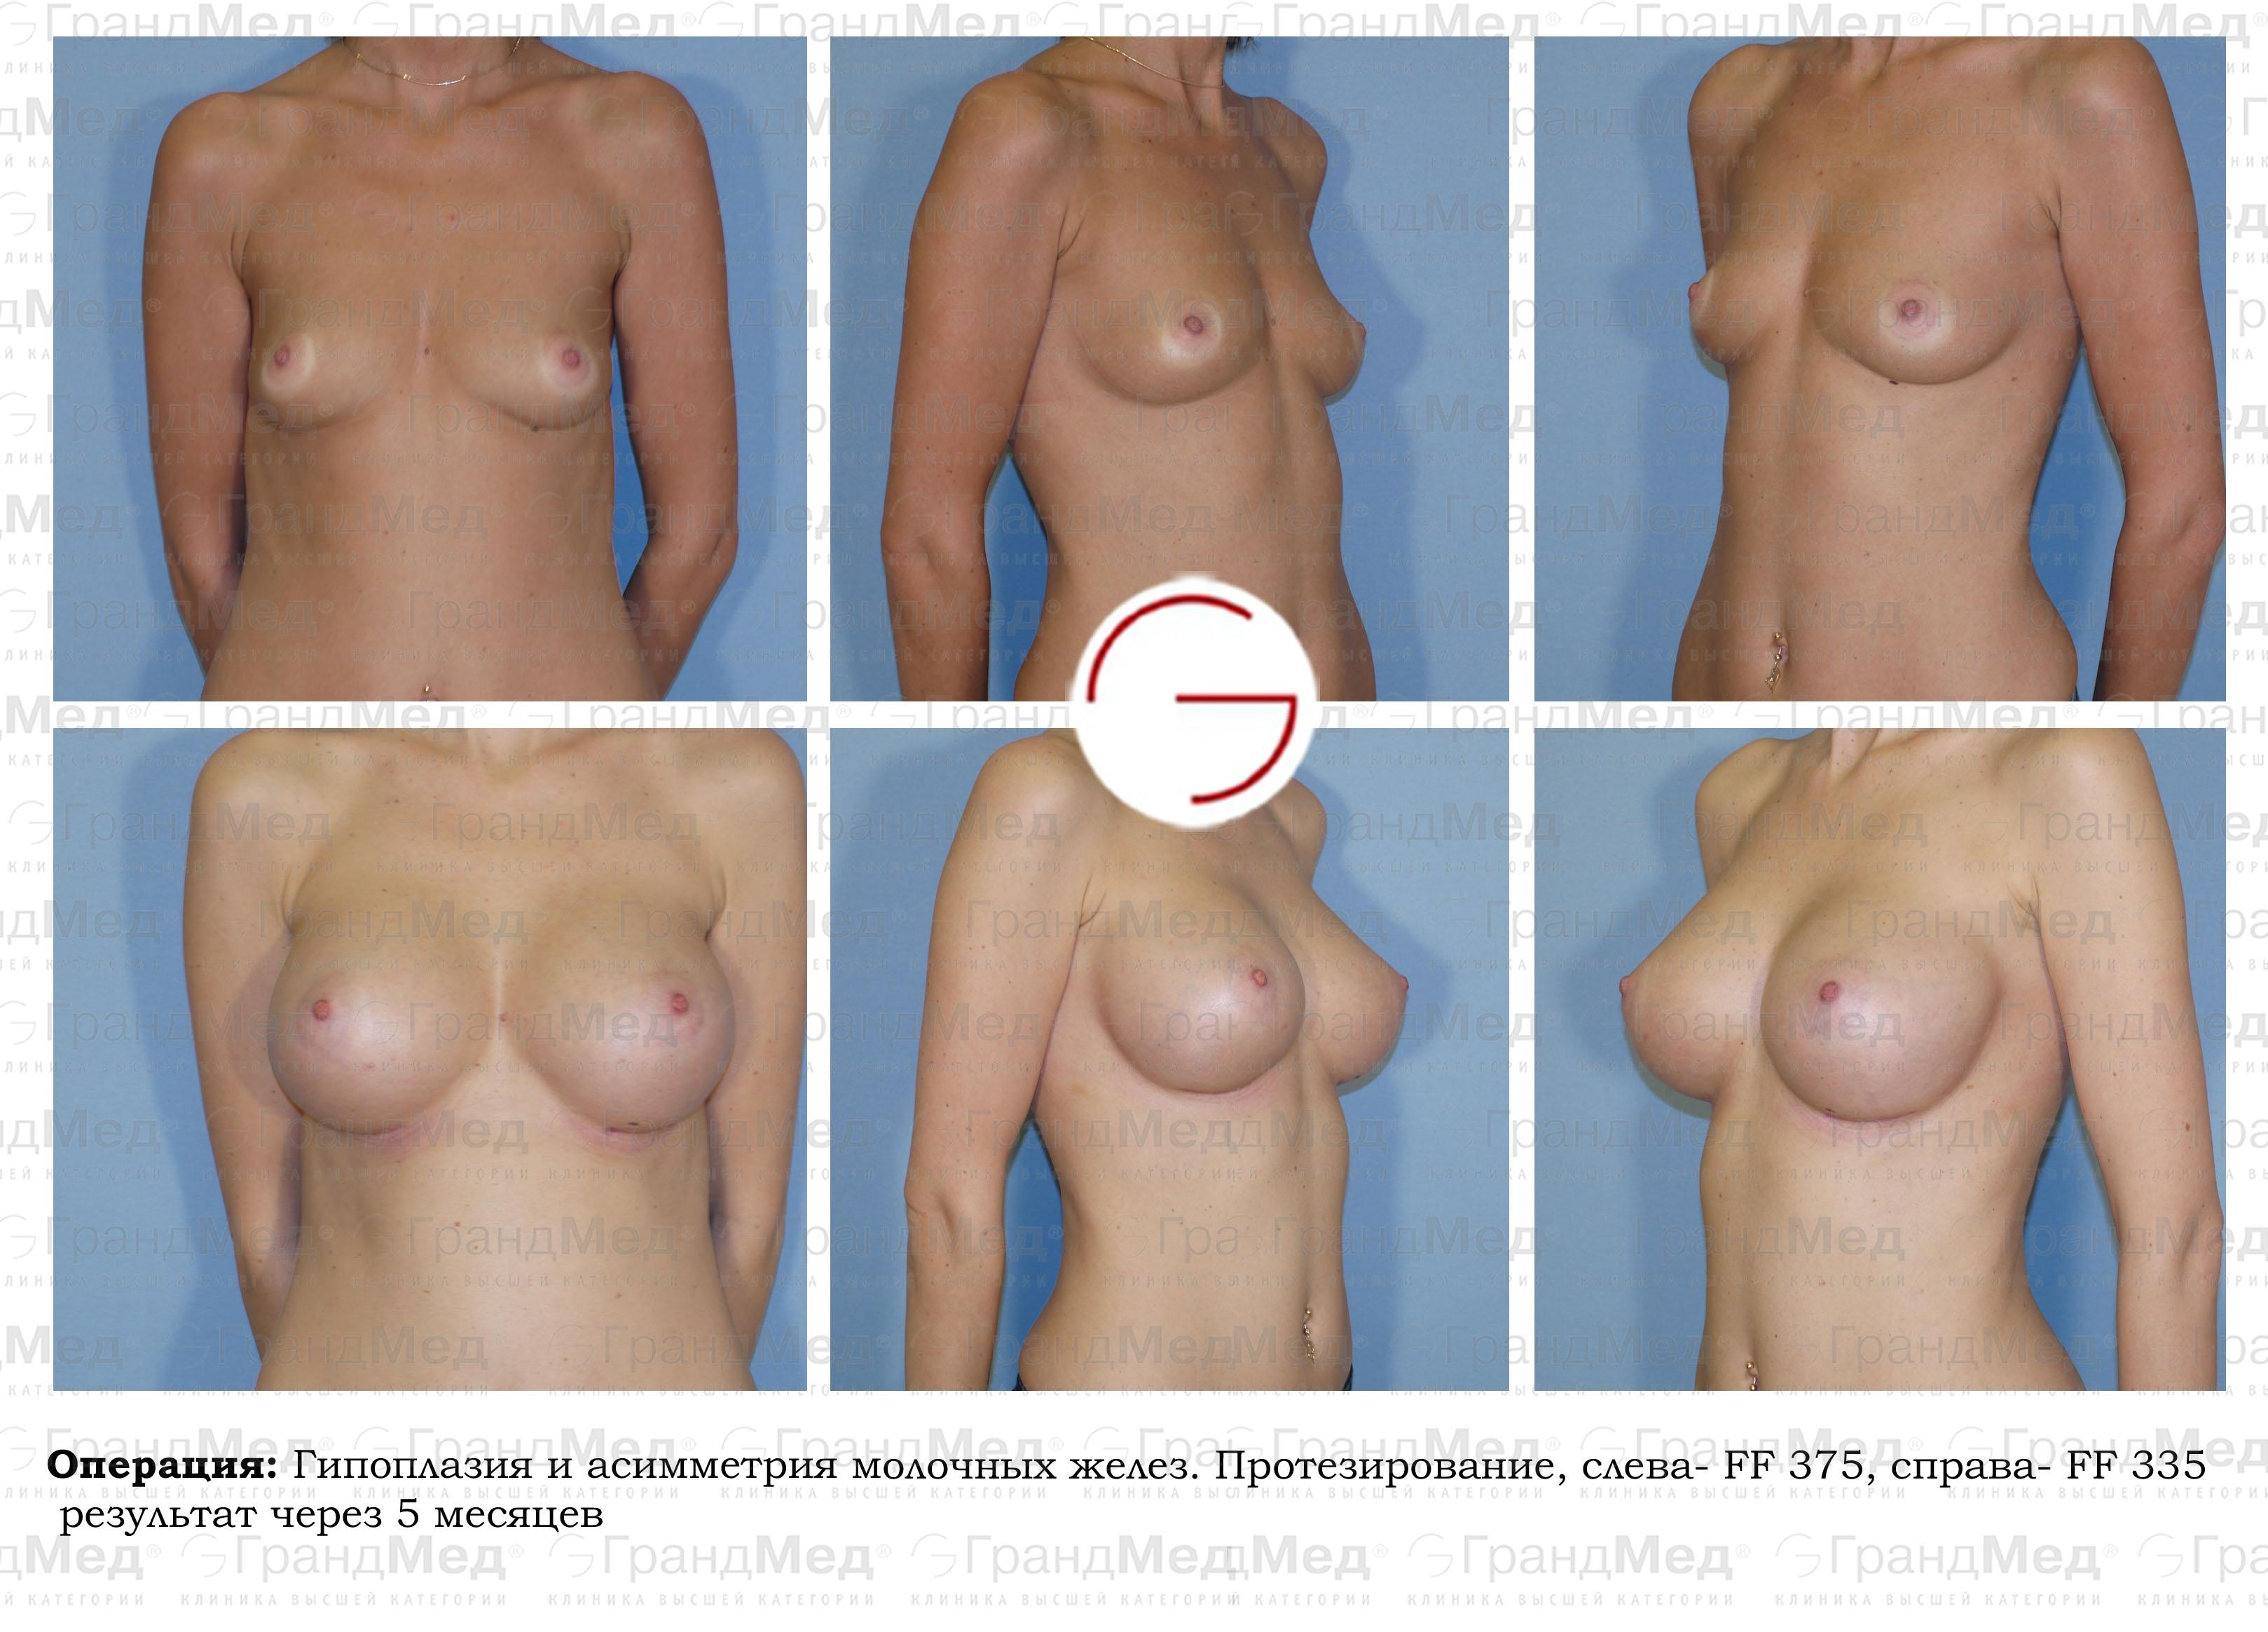 Отзывы мужчин об увеличении груди